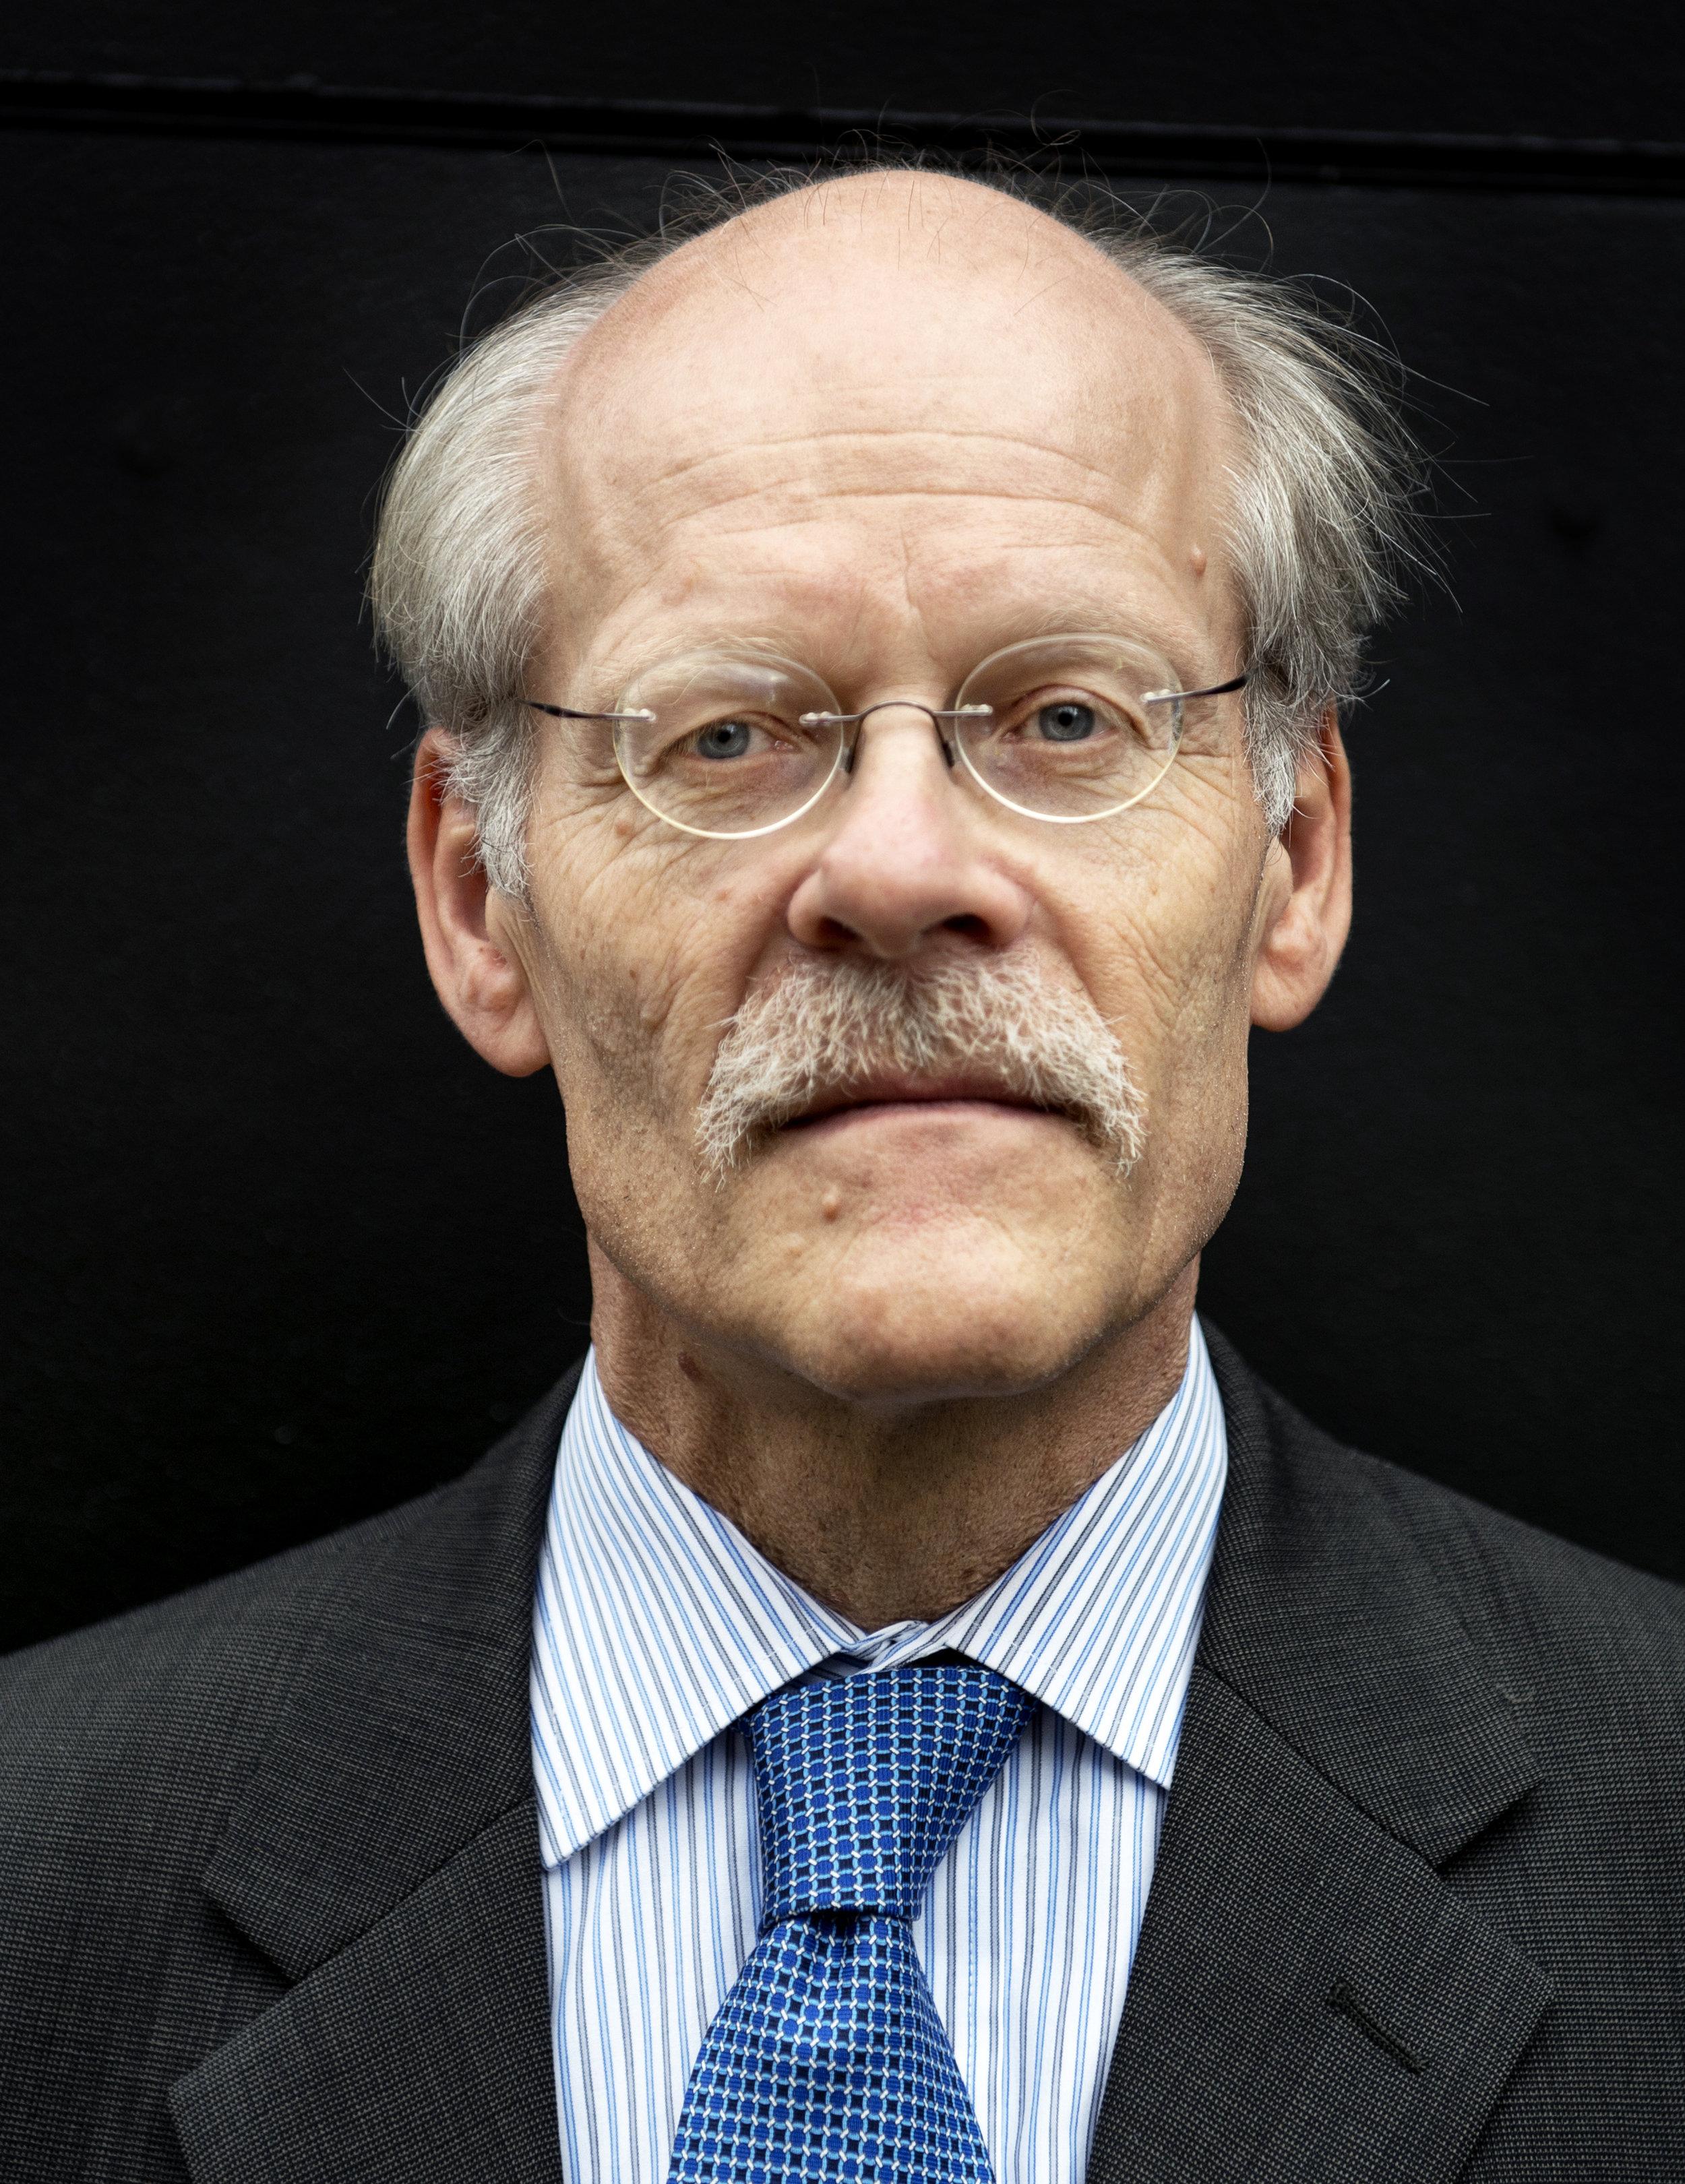 Stefan Ingves, Riksbankschef